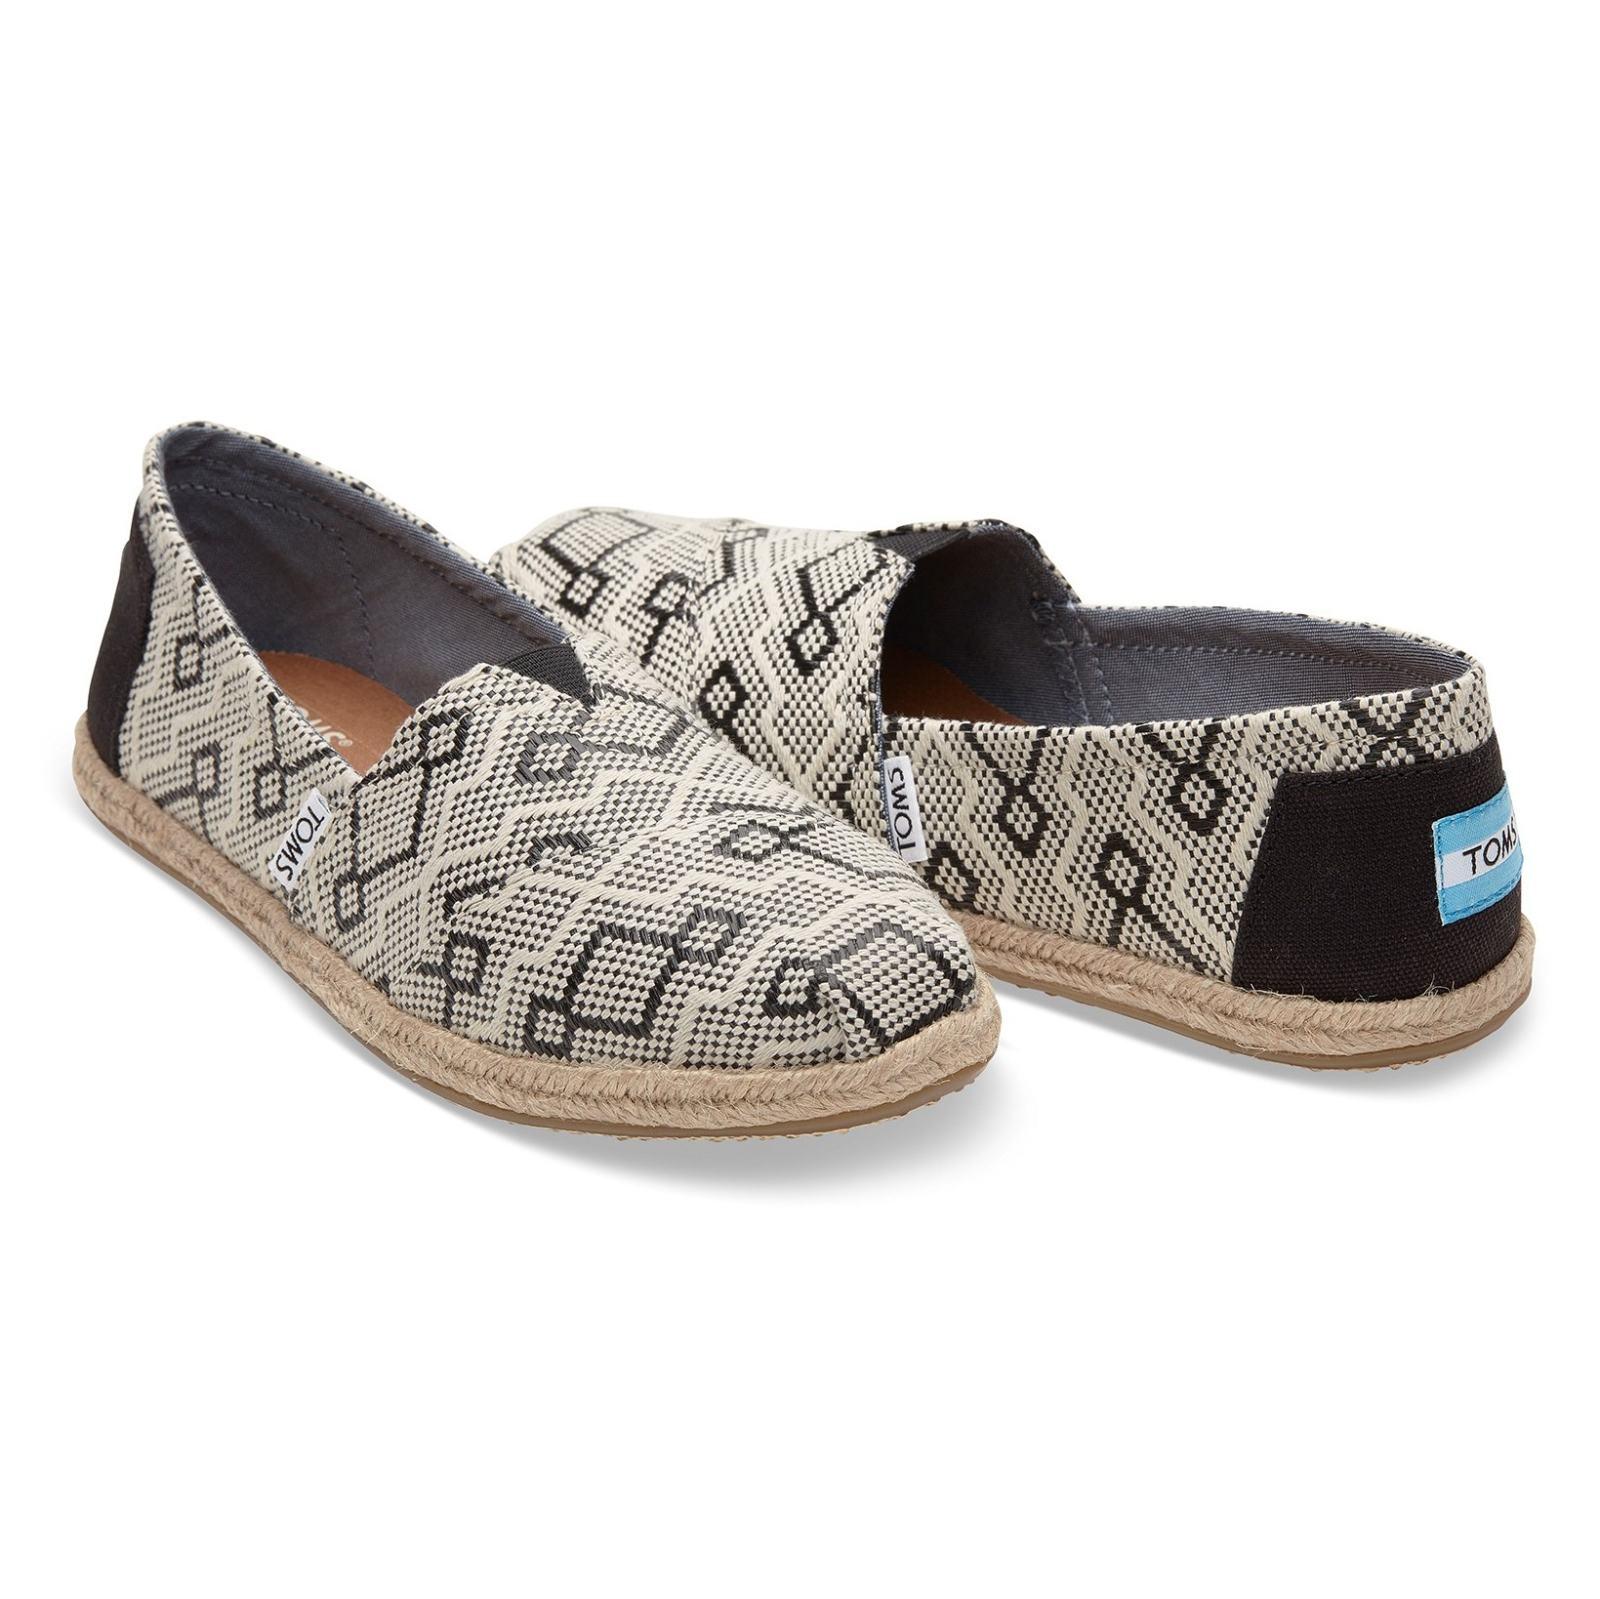 کفش تخت پارچه ای زنانه - تامز - کرم و مشکي  - 3